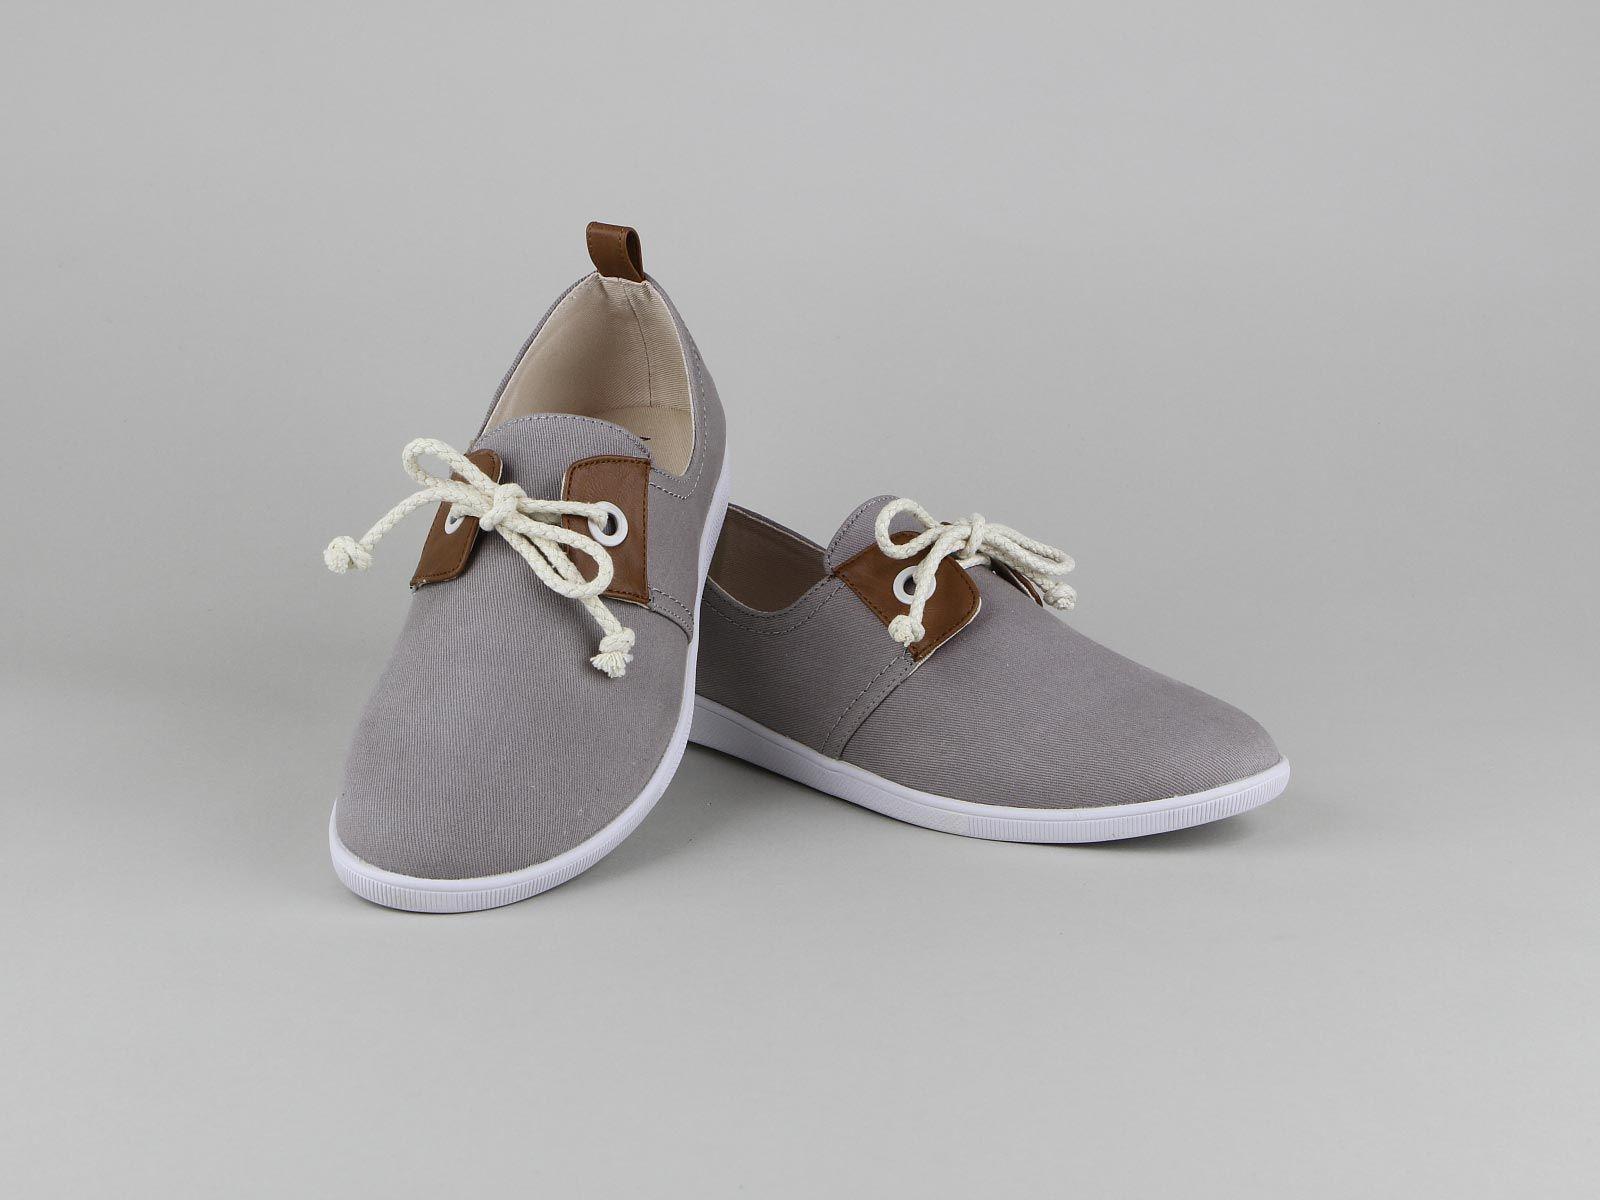 chaussure armistices | Armistice STONE 1 Chaussures Homme